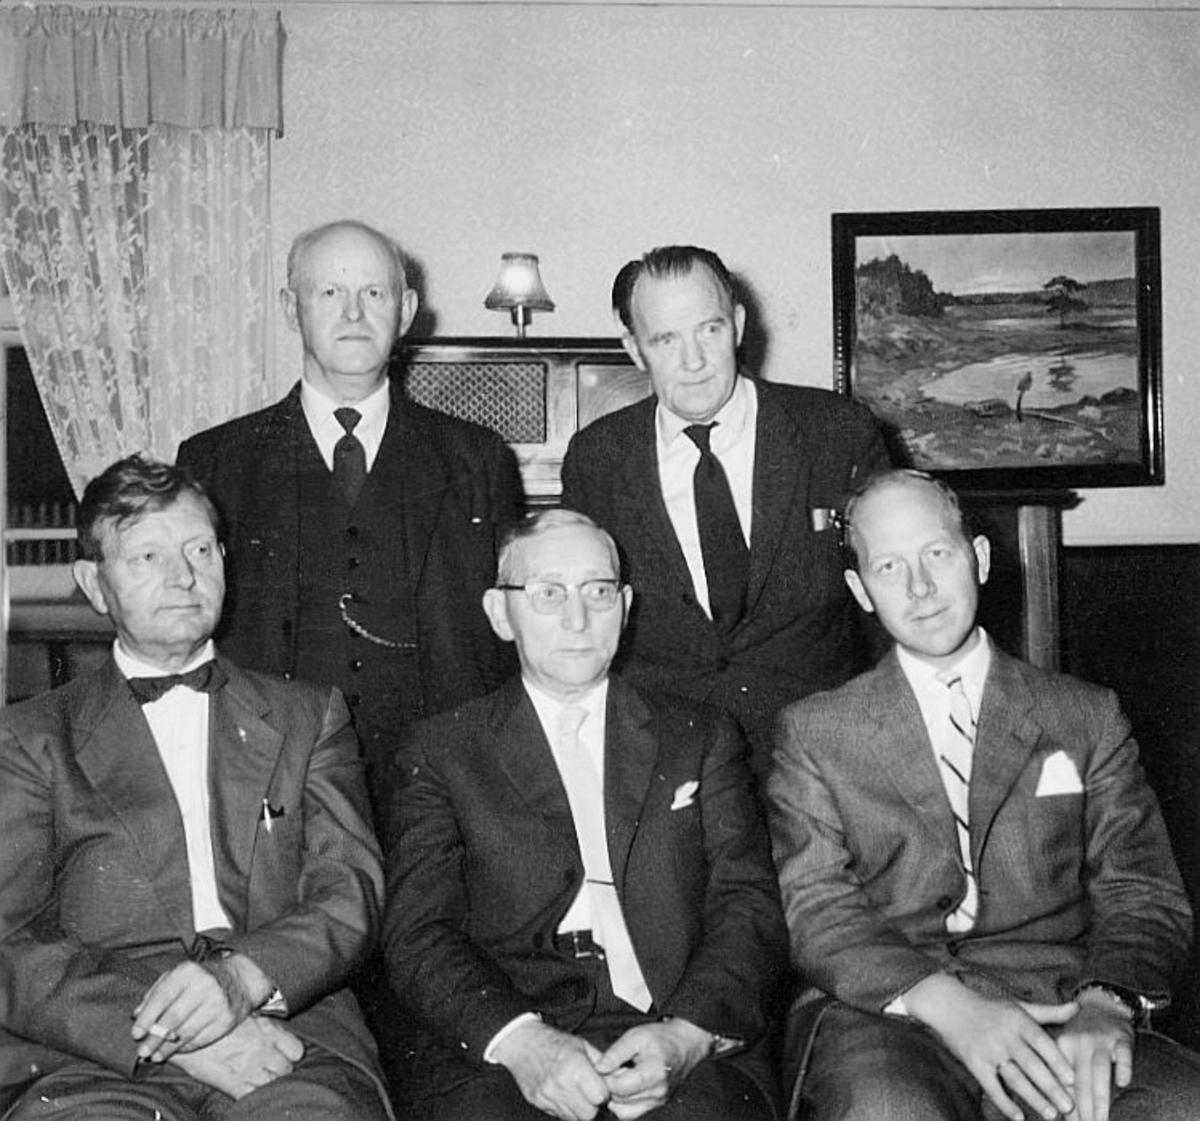 gruppebilde, Postverkets undervisningsråd, Kirkebakk, B.Olsen, N.J. Nilsen, A.Slemstad